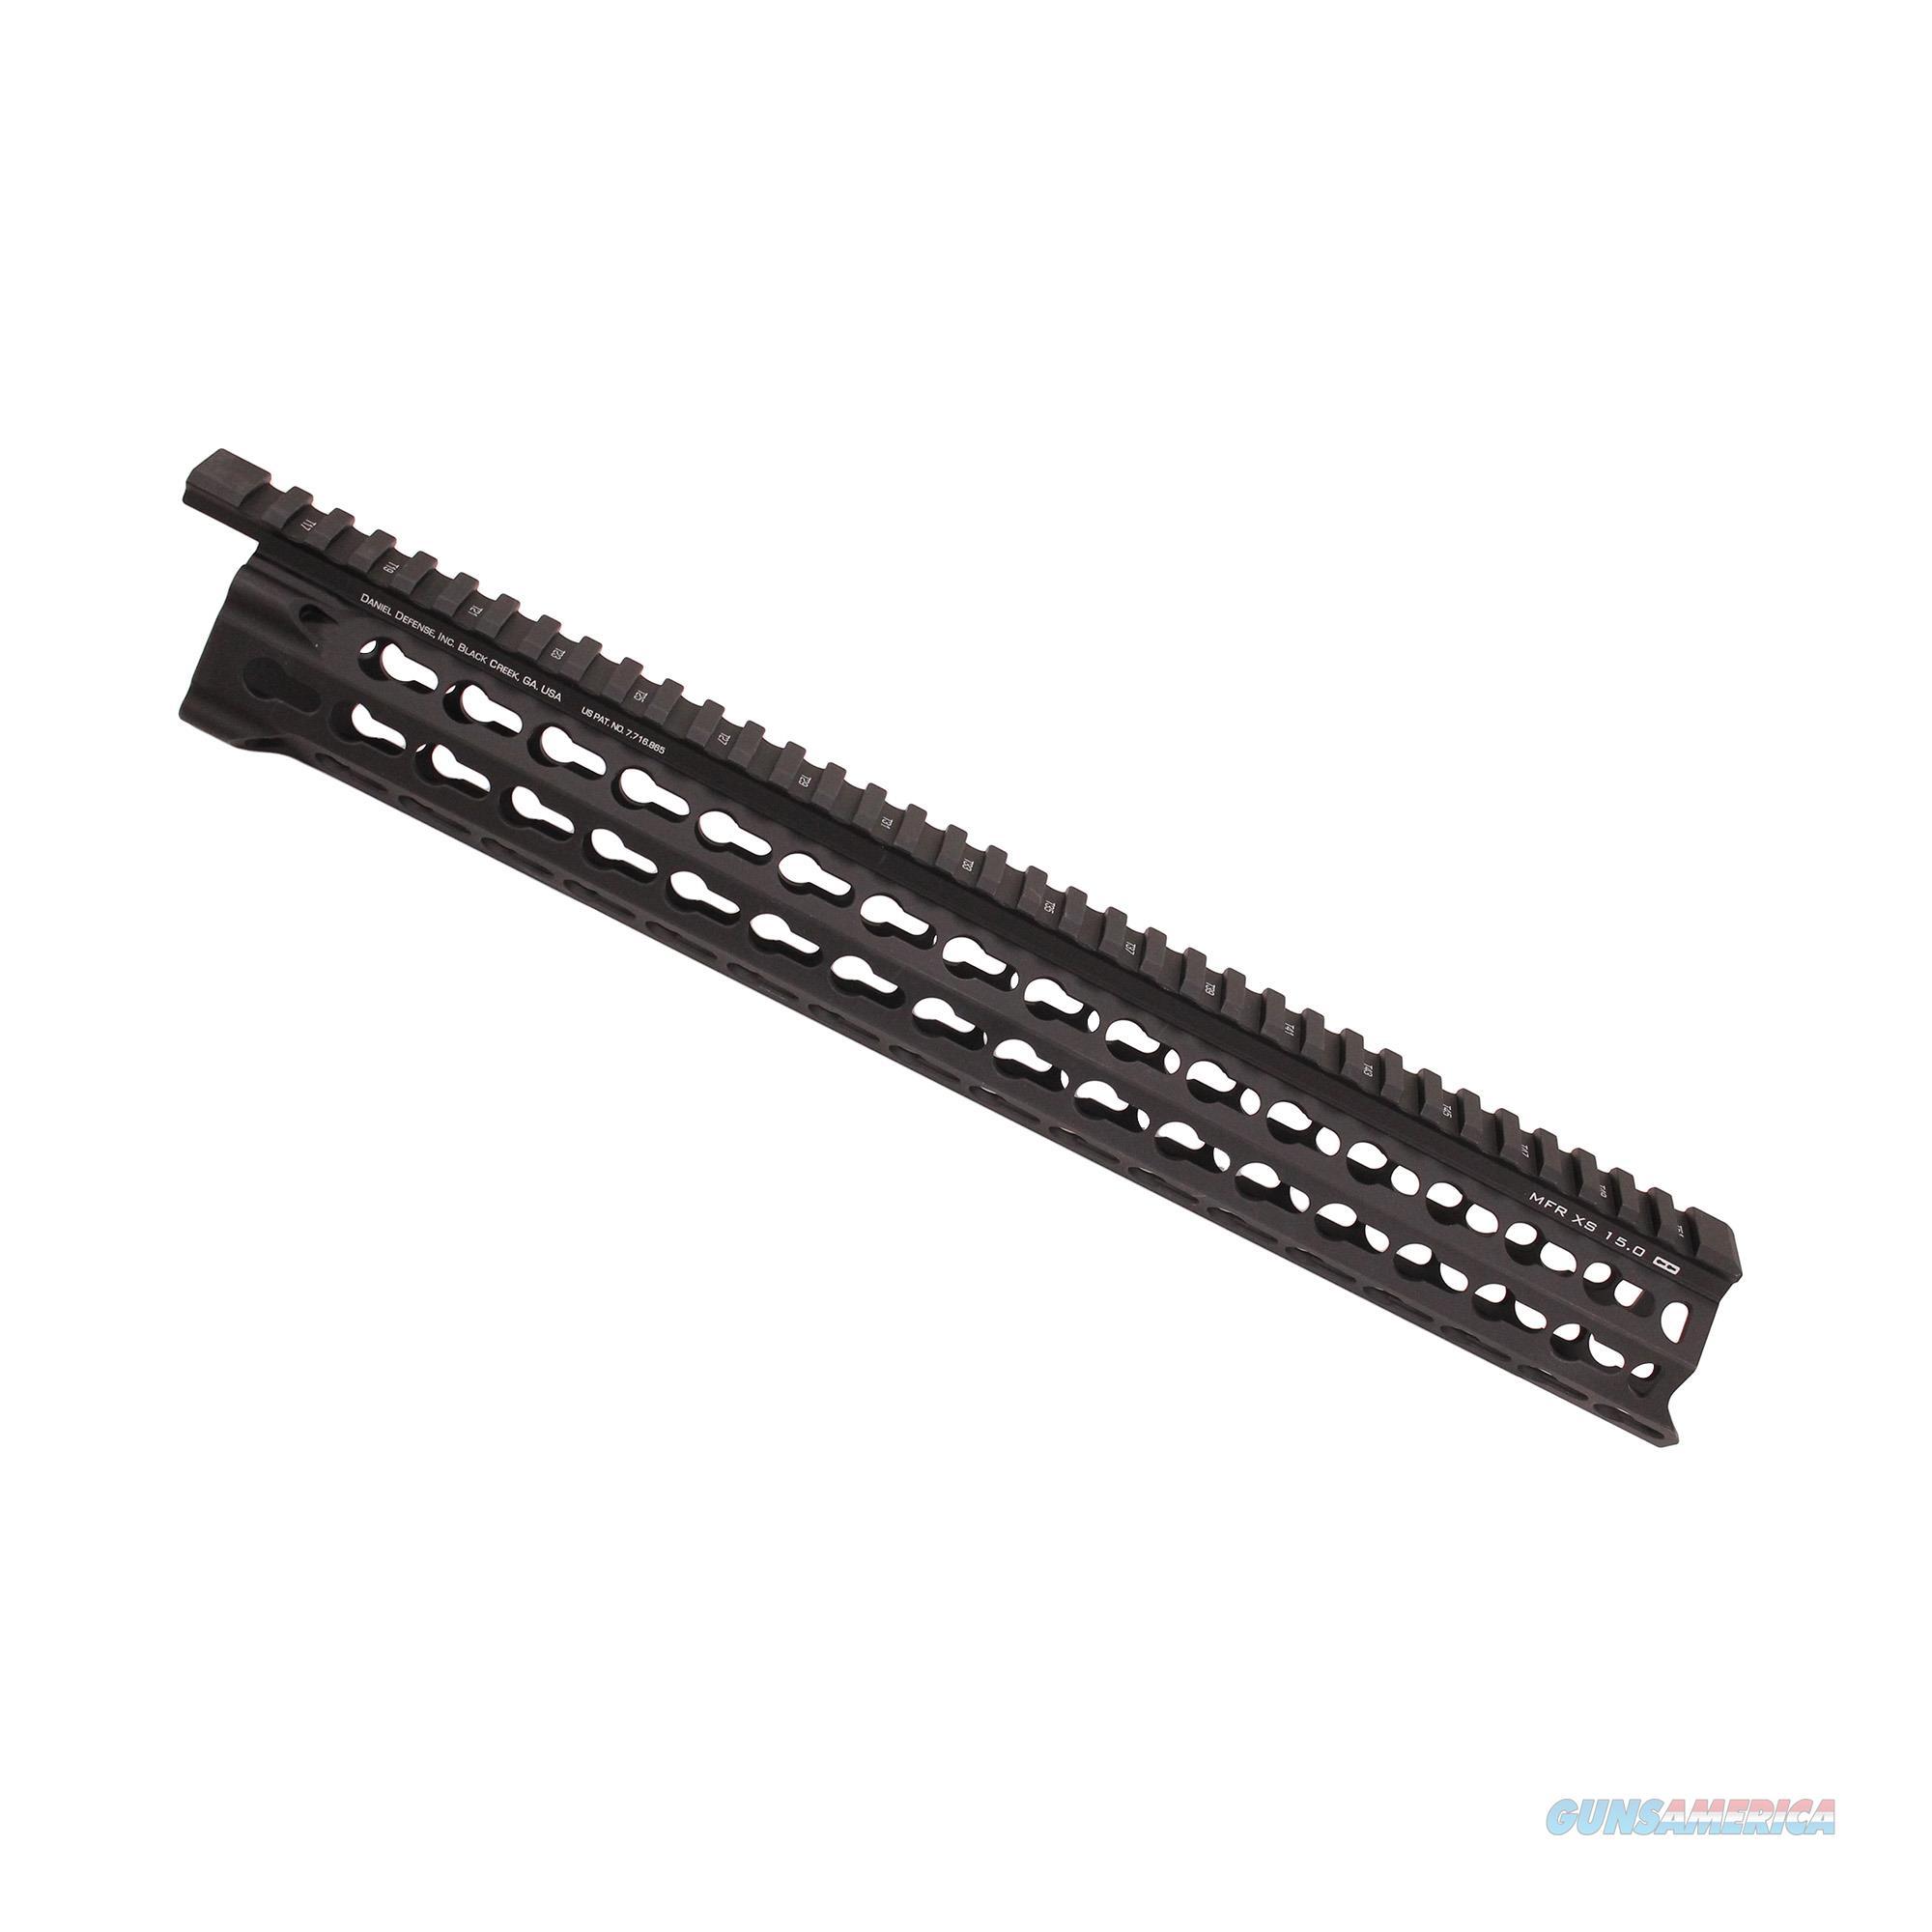 Daniel Defense Mfr Xs Keymod Rail 01-107-16544  Non-Guns > Gun Parts > Tactical Rails (Non-AR)